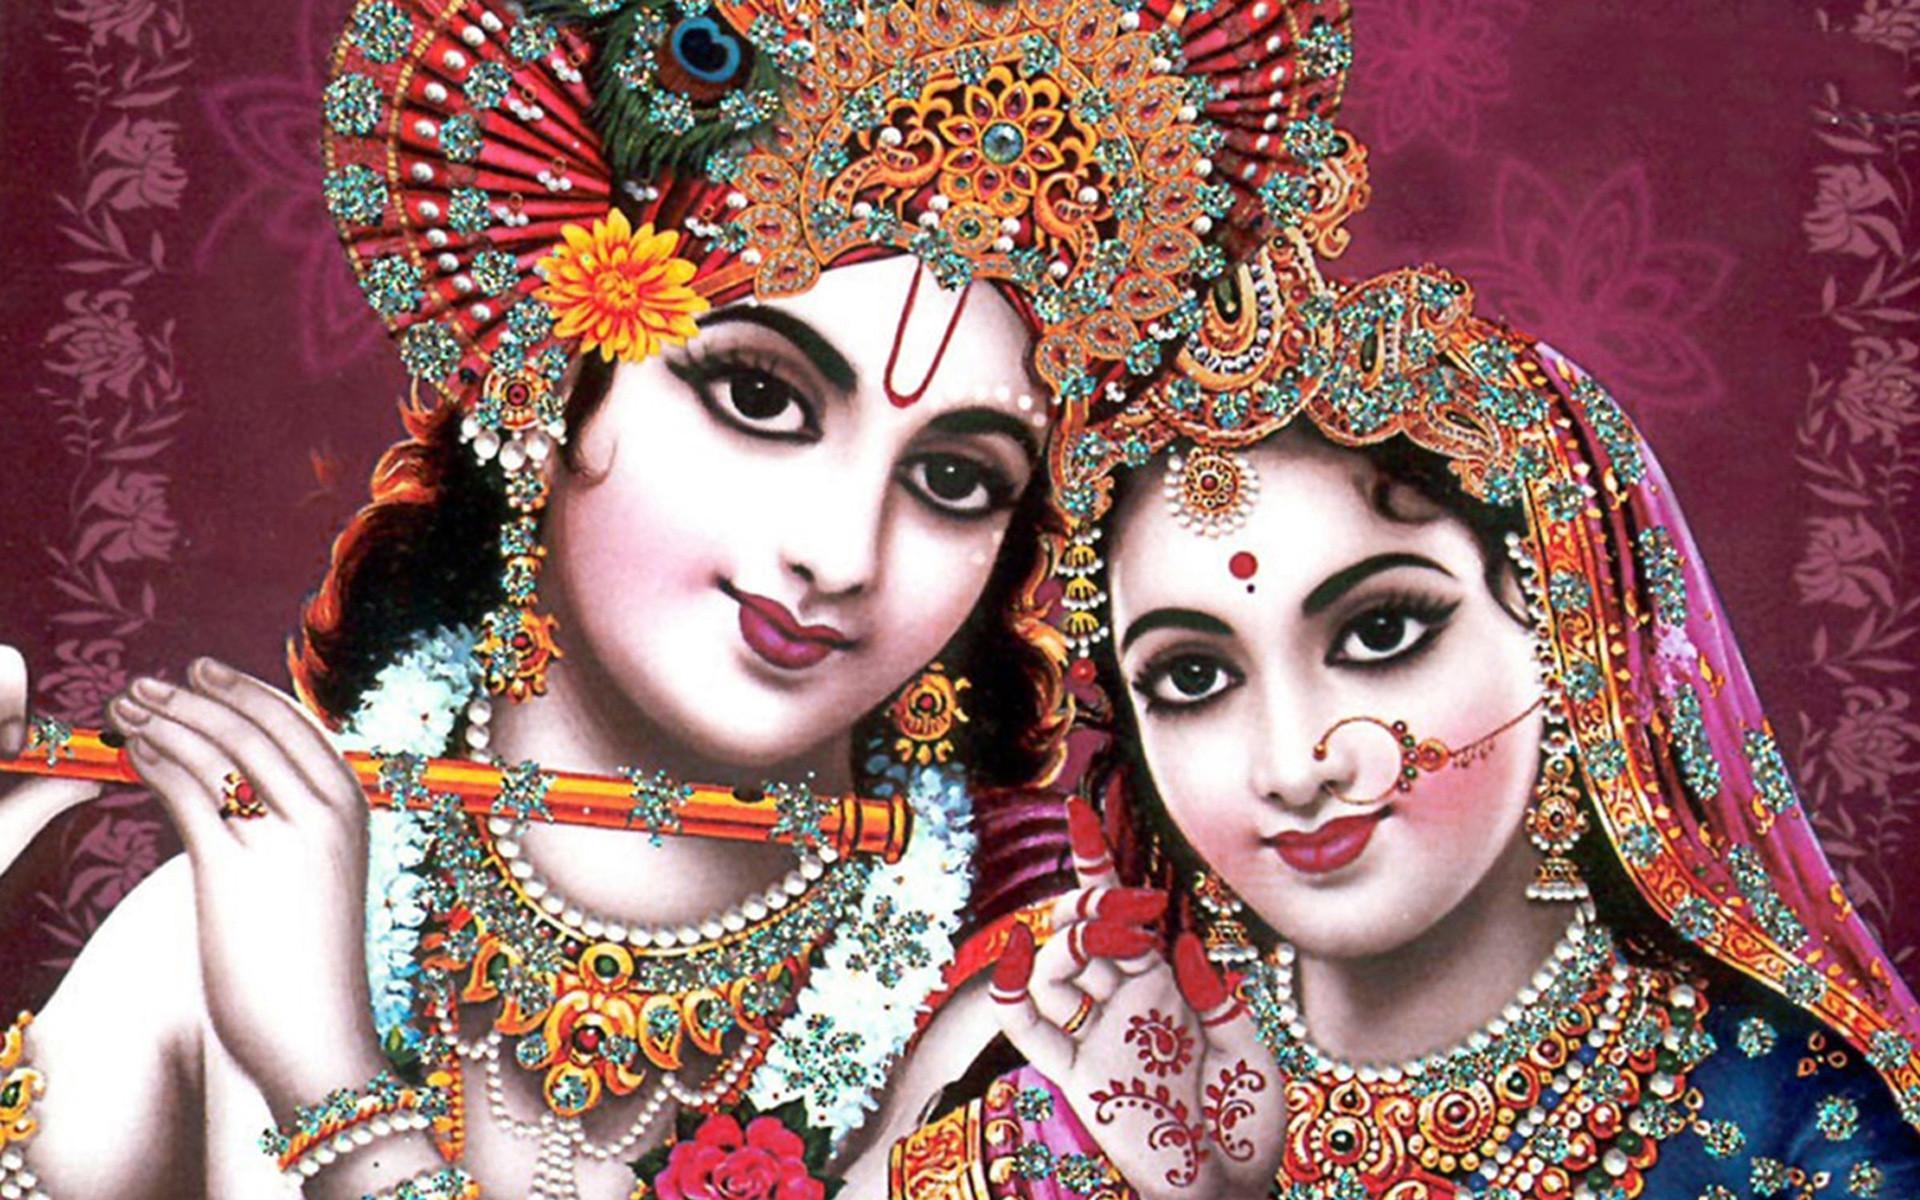 Hình ảnh Radha Krishna 1920x1200, Hình nền Radhe Krishna, Hình ảnh Radha Krishna